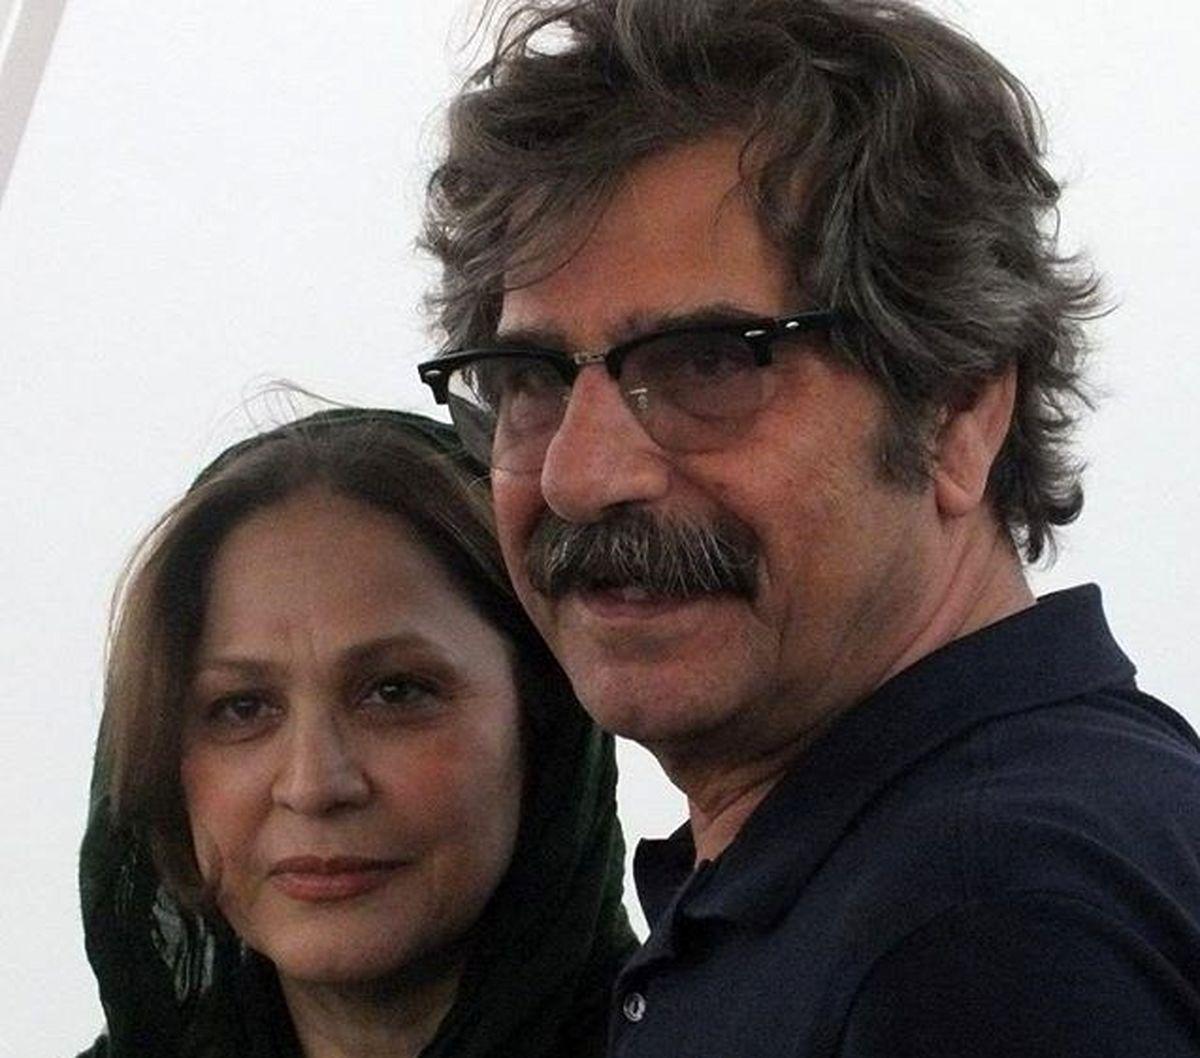 فوری  عزت الله مهرآوران بازیگر سریال لیسانسه ها به کما رفت